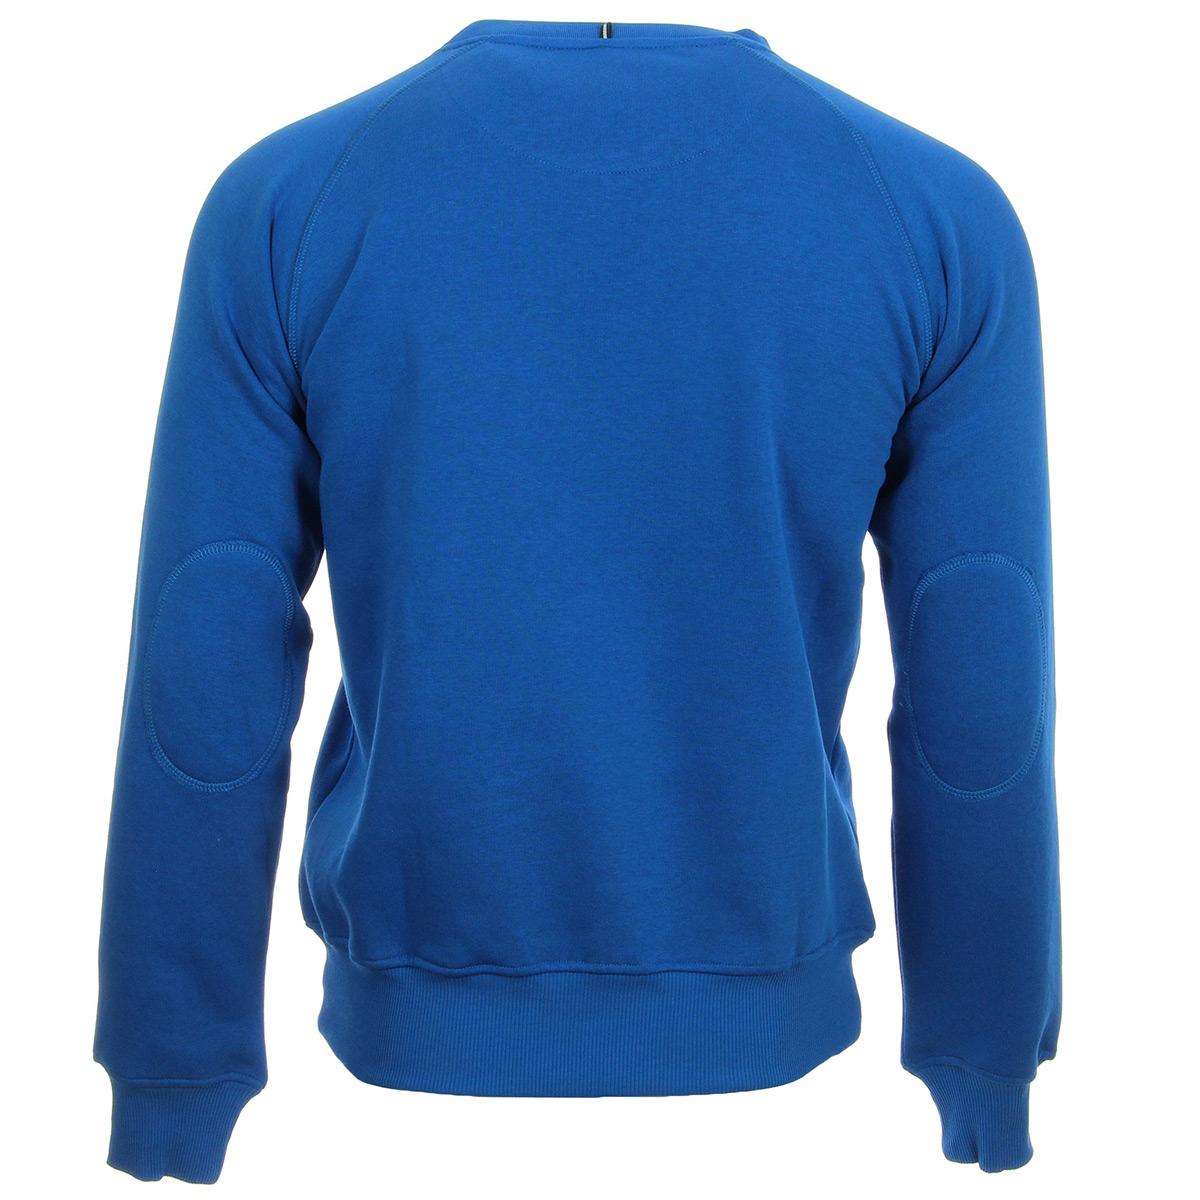 Ellesse EH Sws Col Rond Uni Bleu 1032NBLEU, Sweats homme